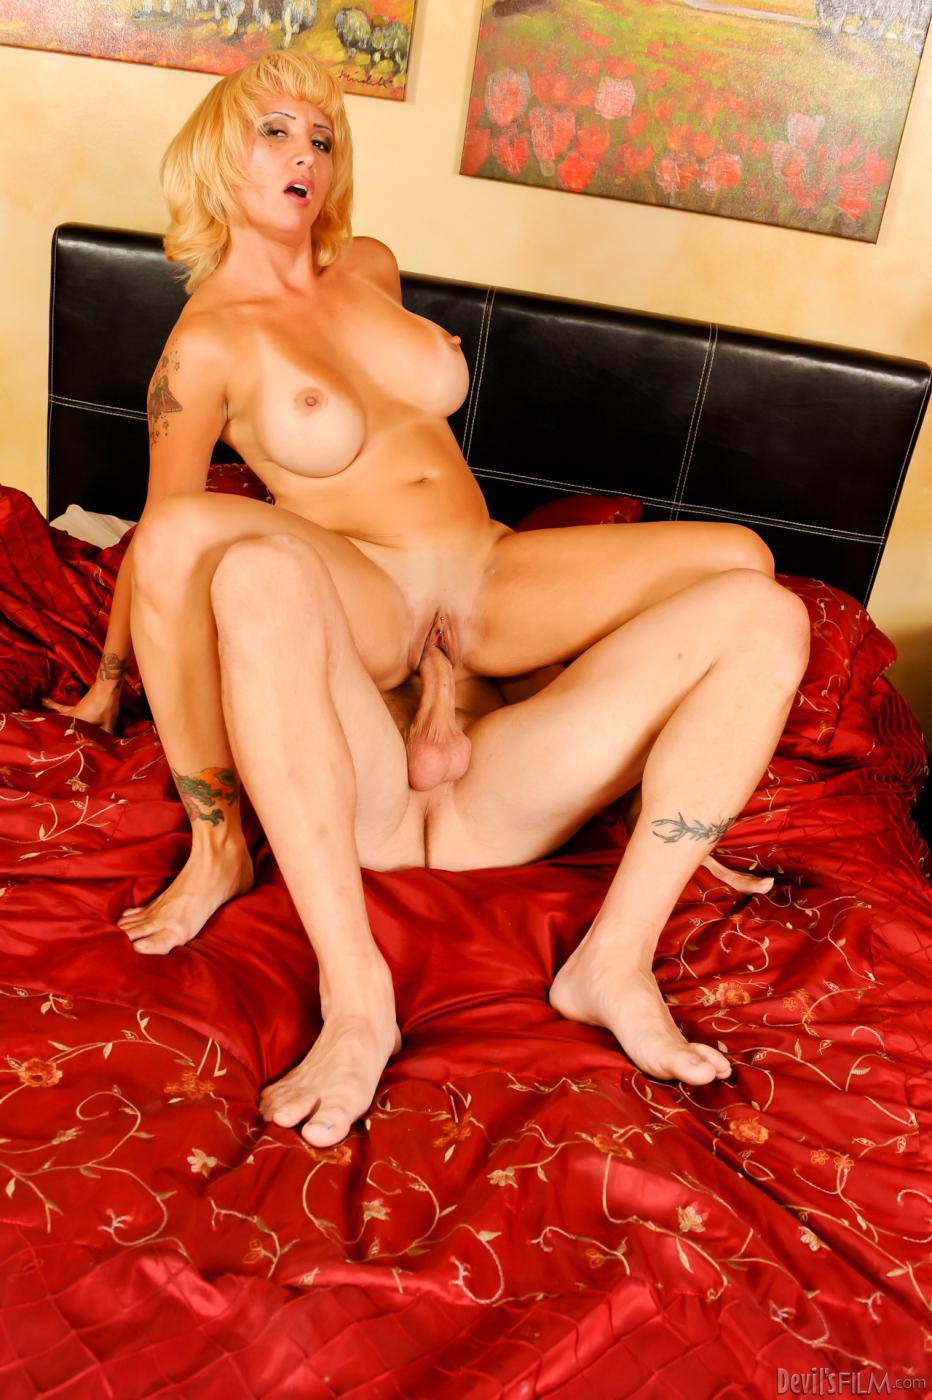 Титястая блондиночка Sophia Mounds легко удовлетворяет мужчину оральным и вагинальным сексом